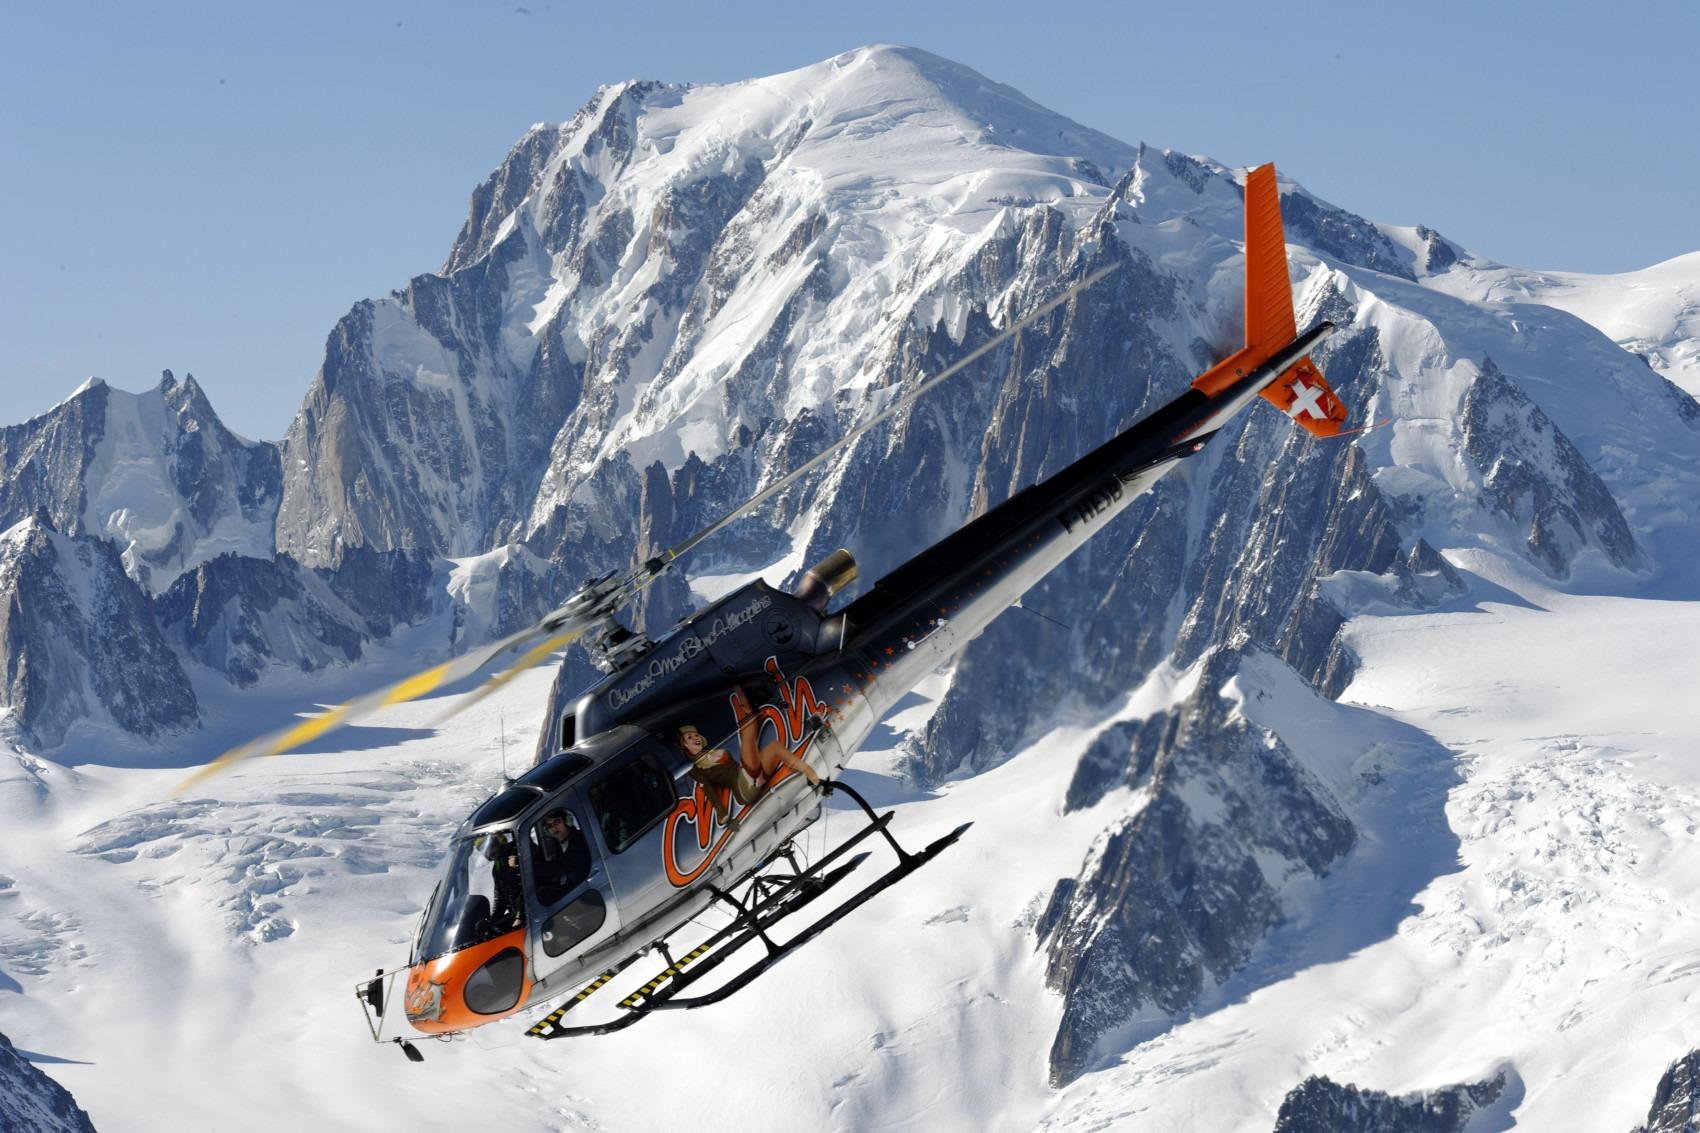 Panorama-Helikopterflug, Multi-Aktiv-Urlaub in Chamonix